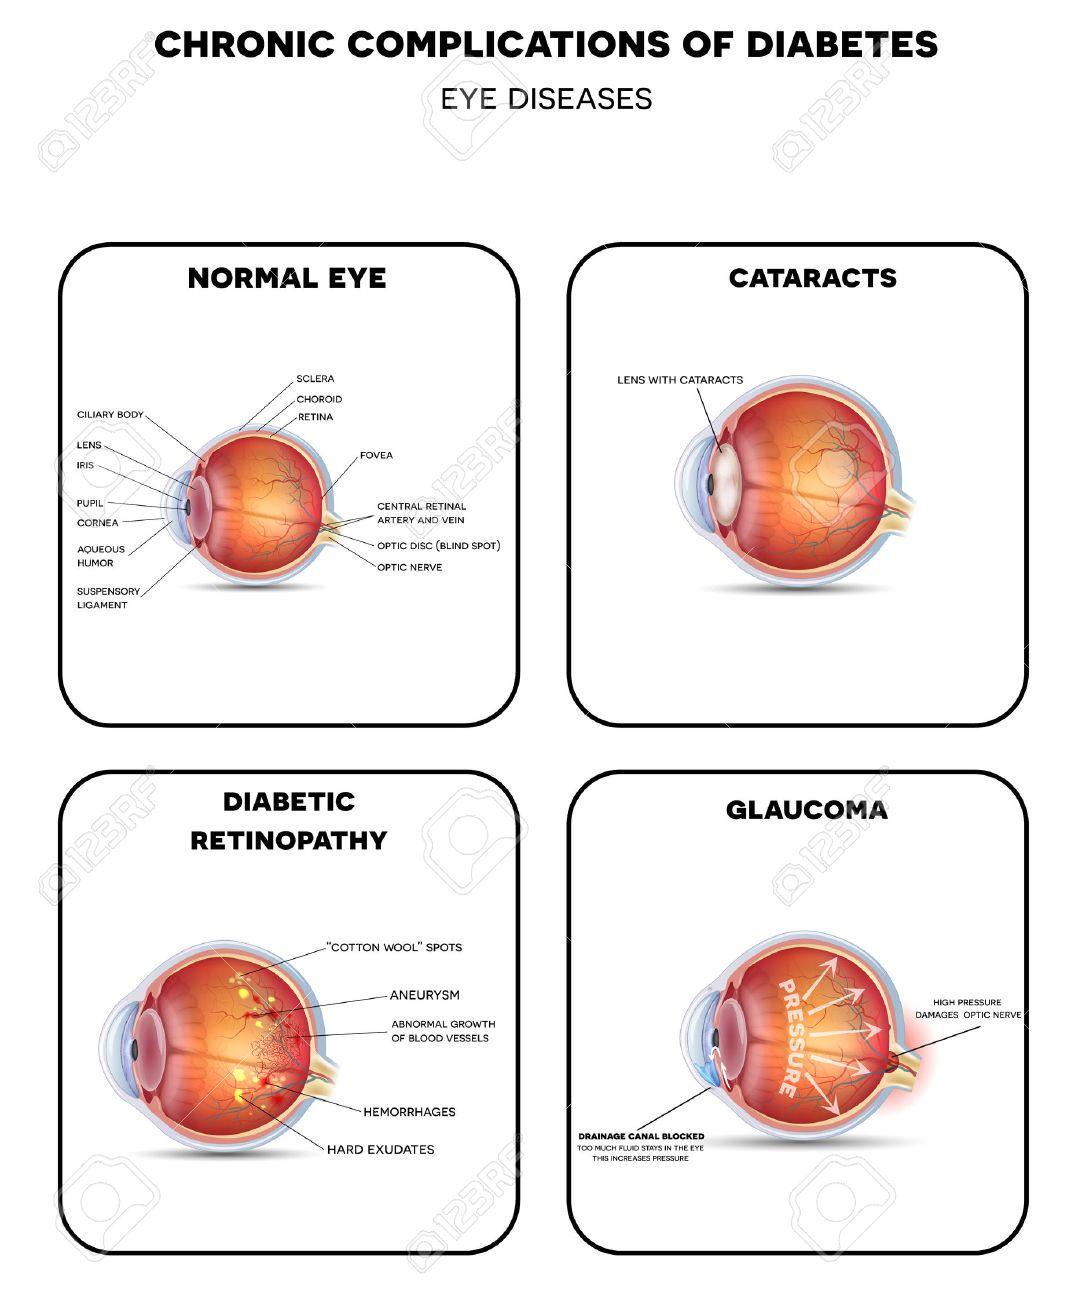 Maladies de l'oeil diabétique. La rétinopathie diabétique, cataracte et glaucome. Aussi ?il sain détaillée l'anatomie. Banque d'images - 49984950